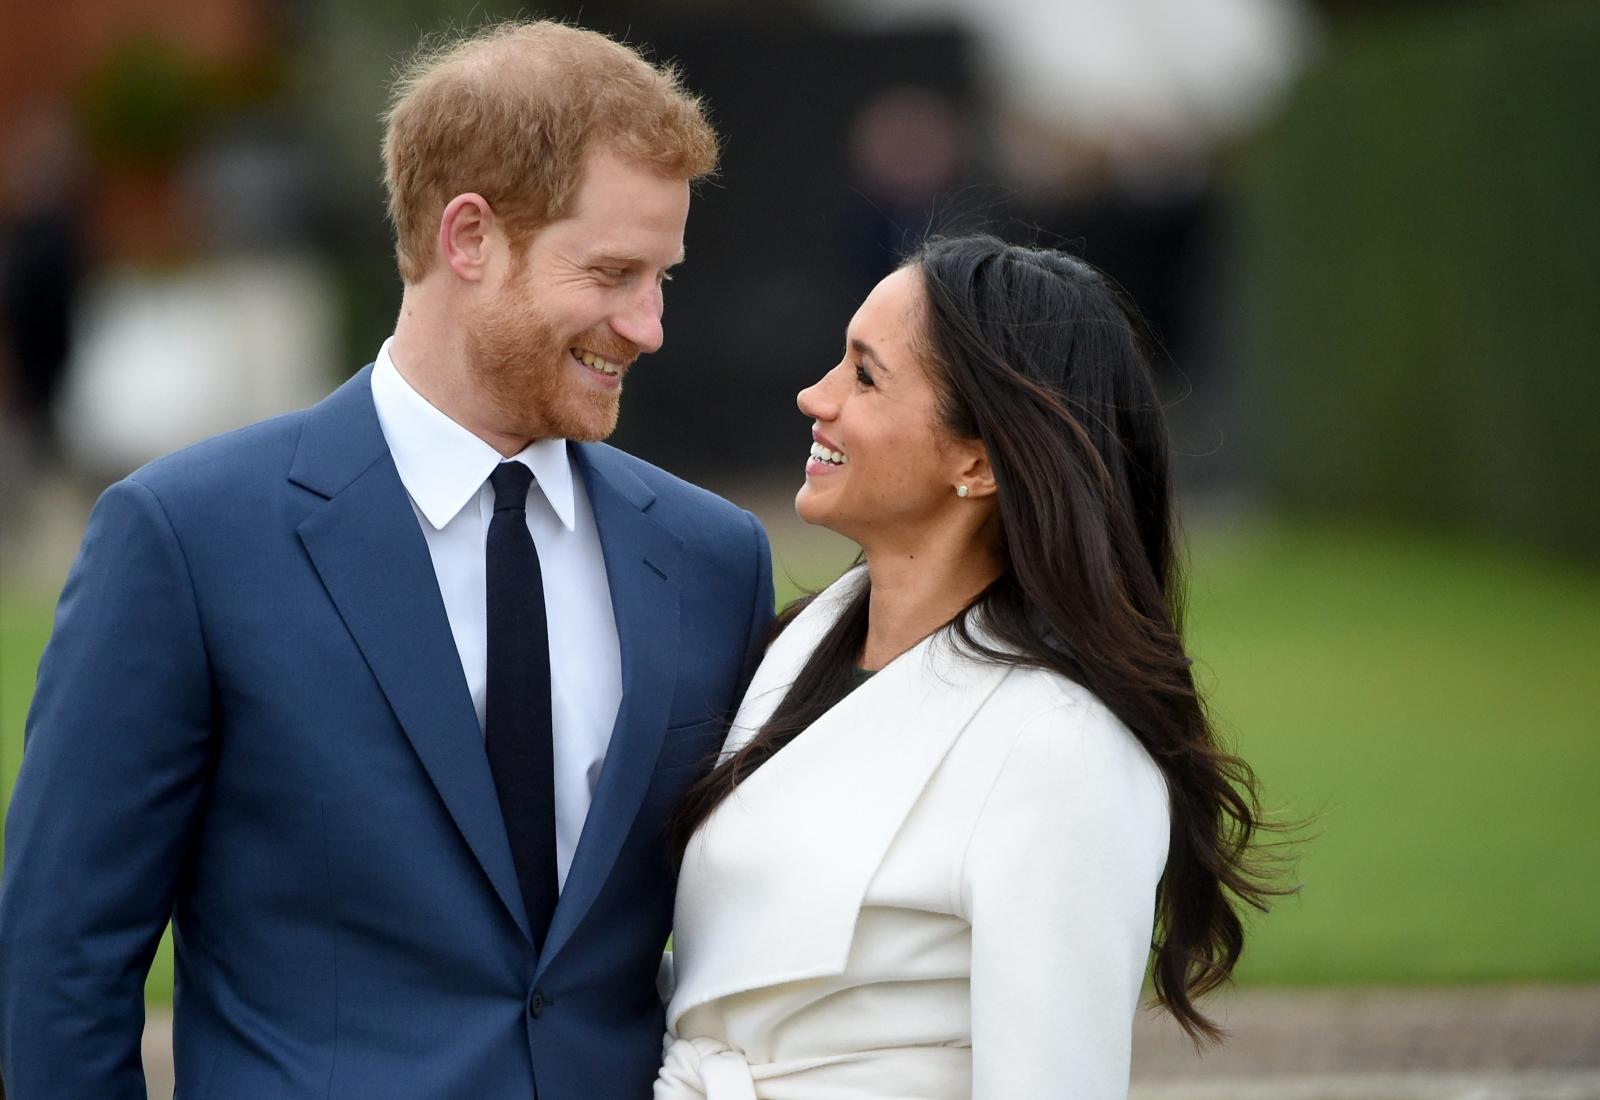 Książę Harry po ogłoszeniu zaręczyn z amerykańską aktorką Meghan Markle.